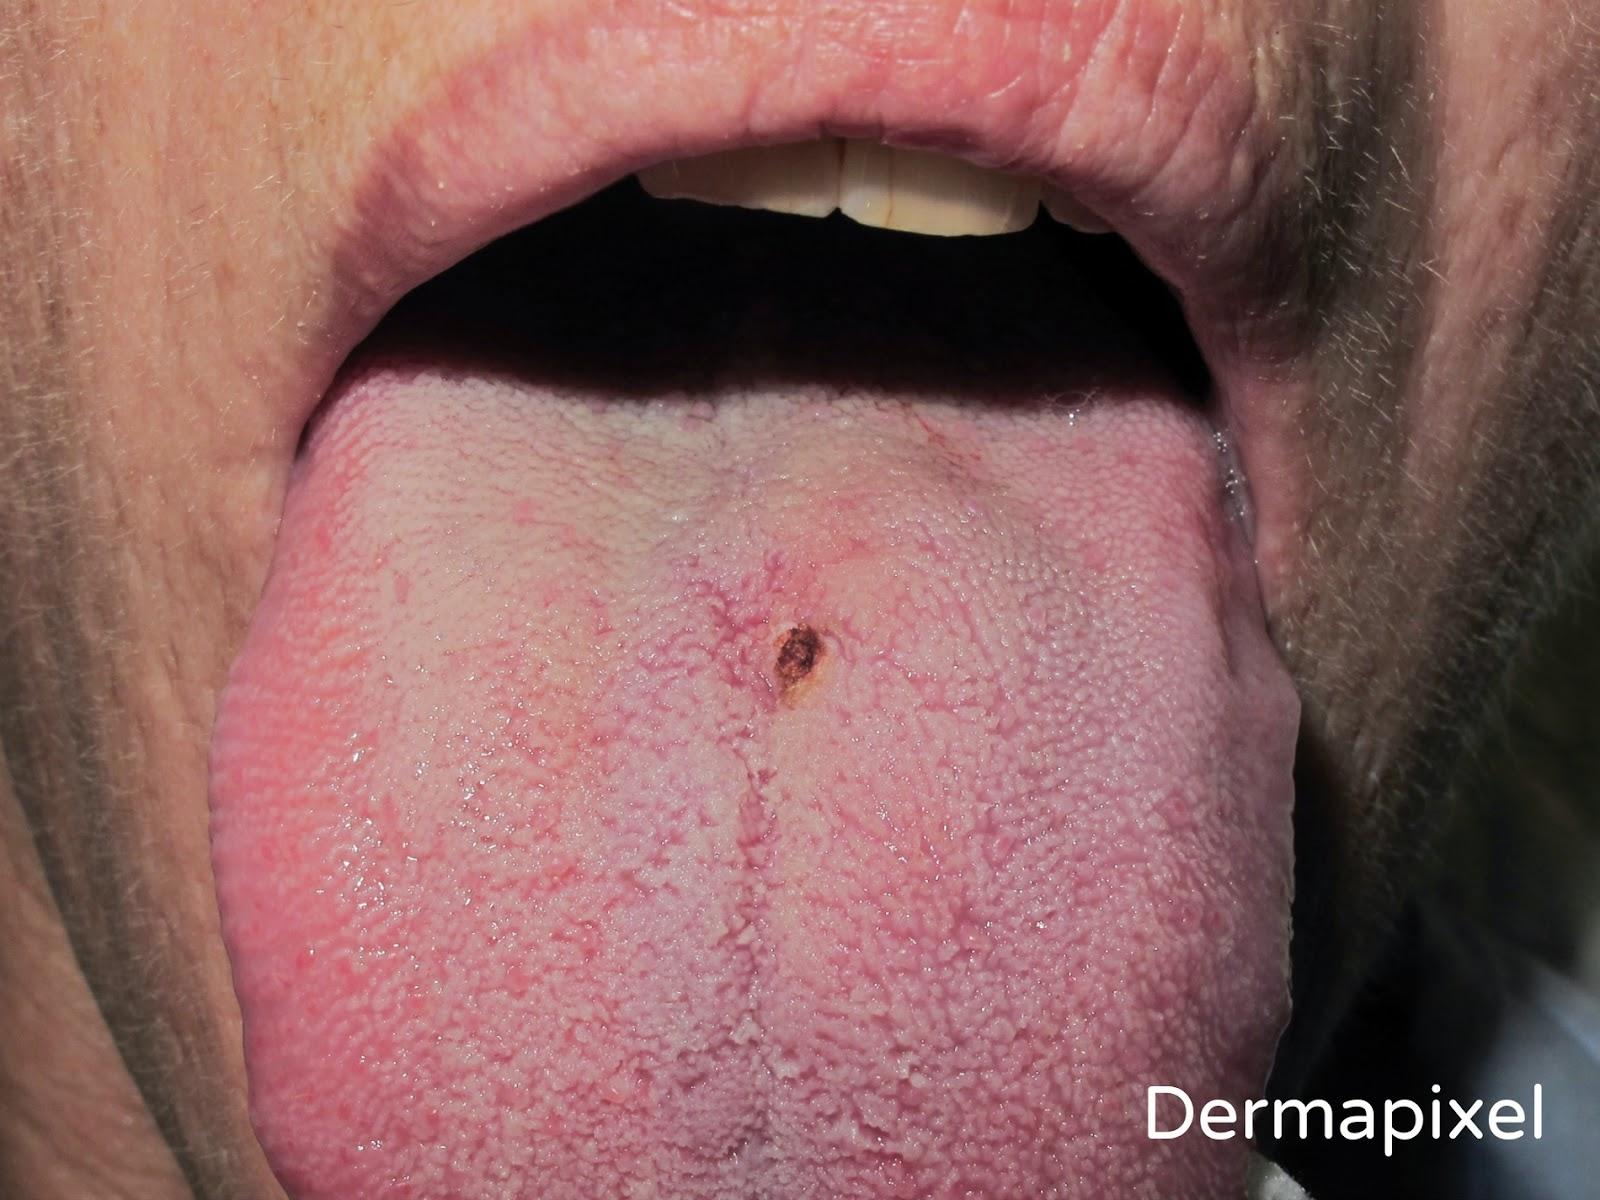 papiloma humano verrugas en la boca)